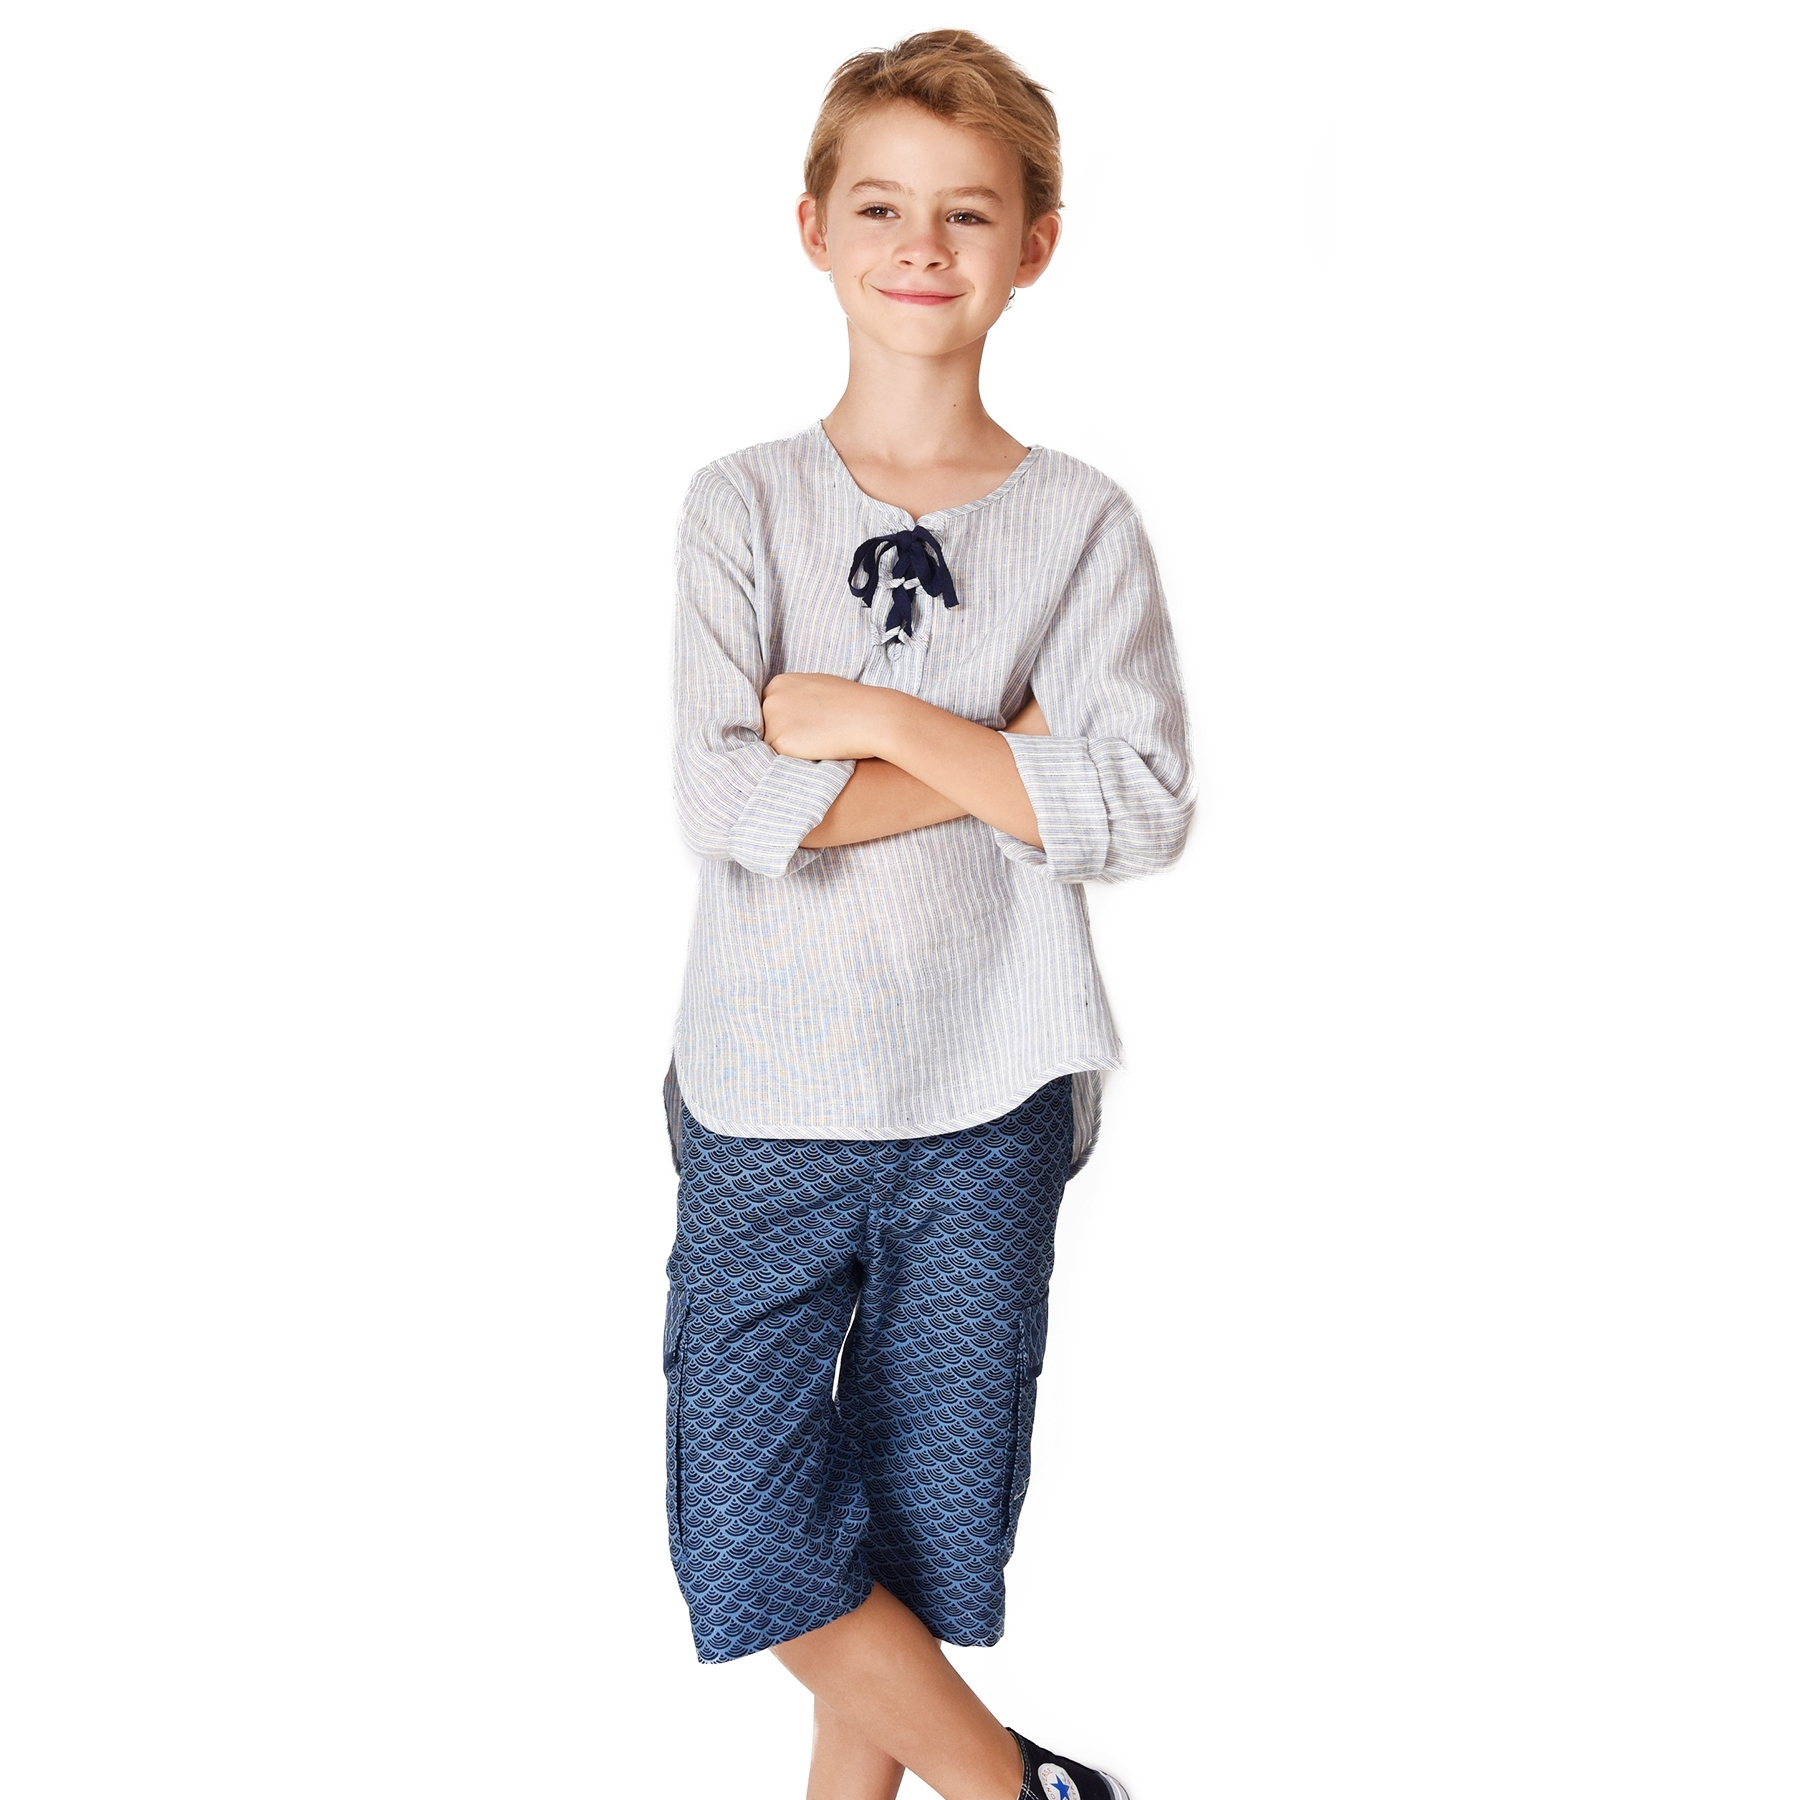 Short bermuda en coton imprimé écailles bleu marine avec poches cargo et taille élastique pour garçons de 2 à 14 ans